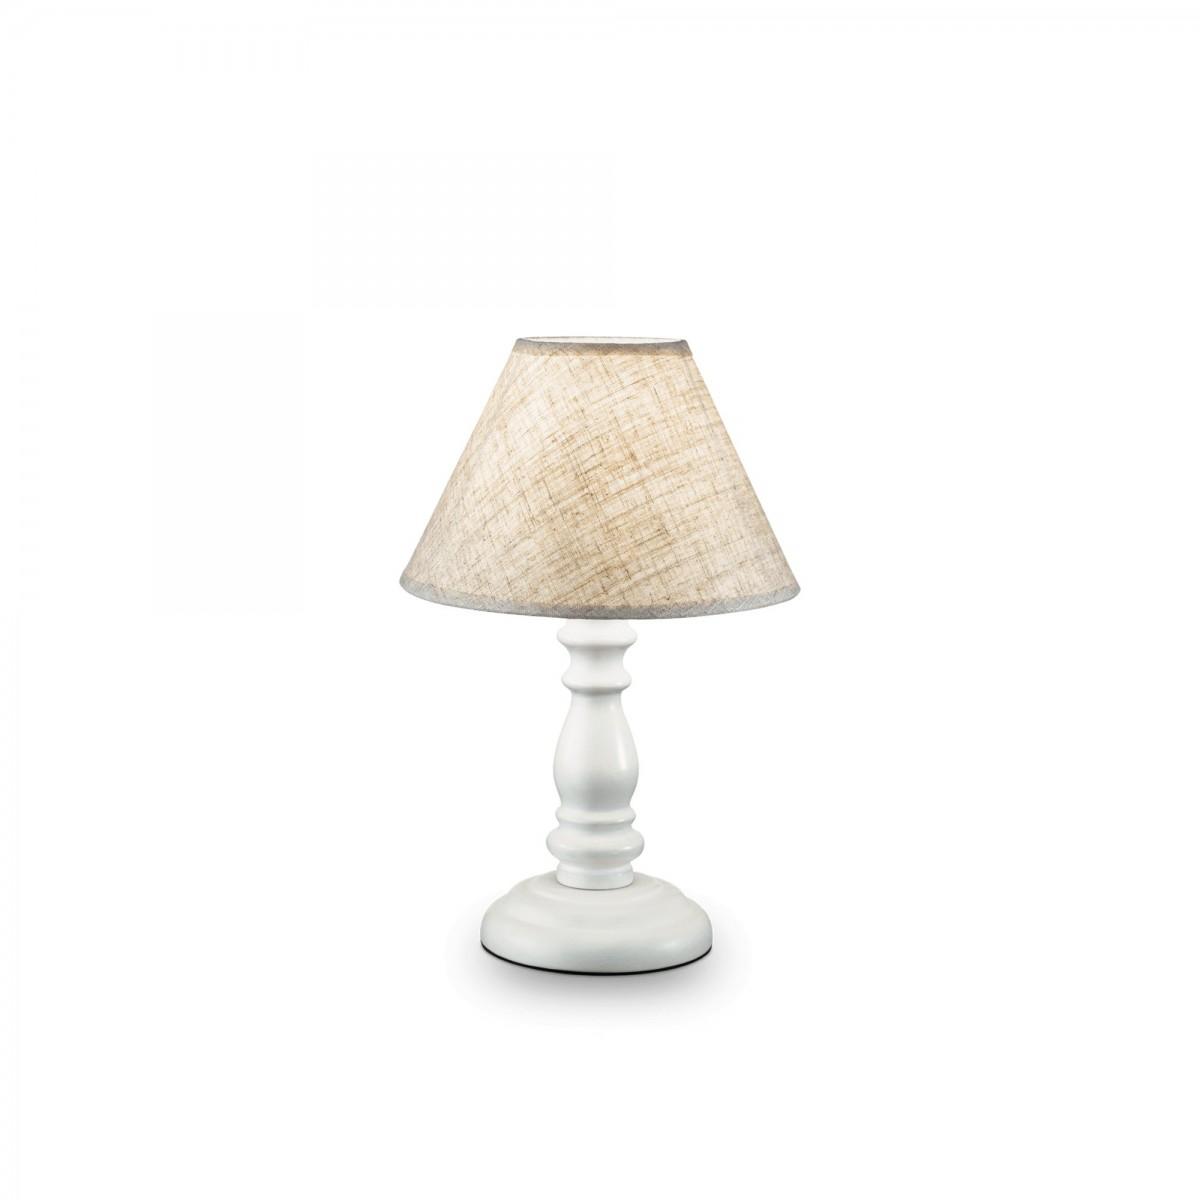 stolní lampa Ideal lux Provence 003283 SP1 Small 1x40W E14 - bílá/krémová